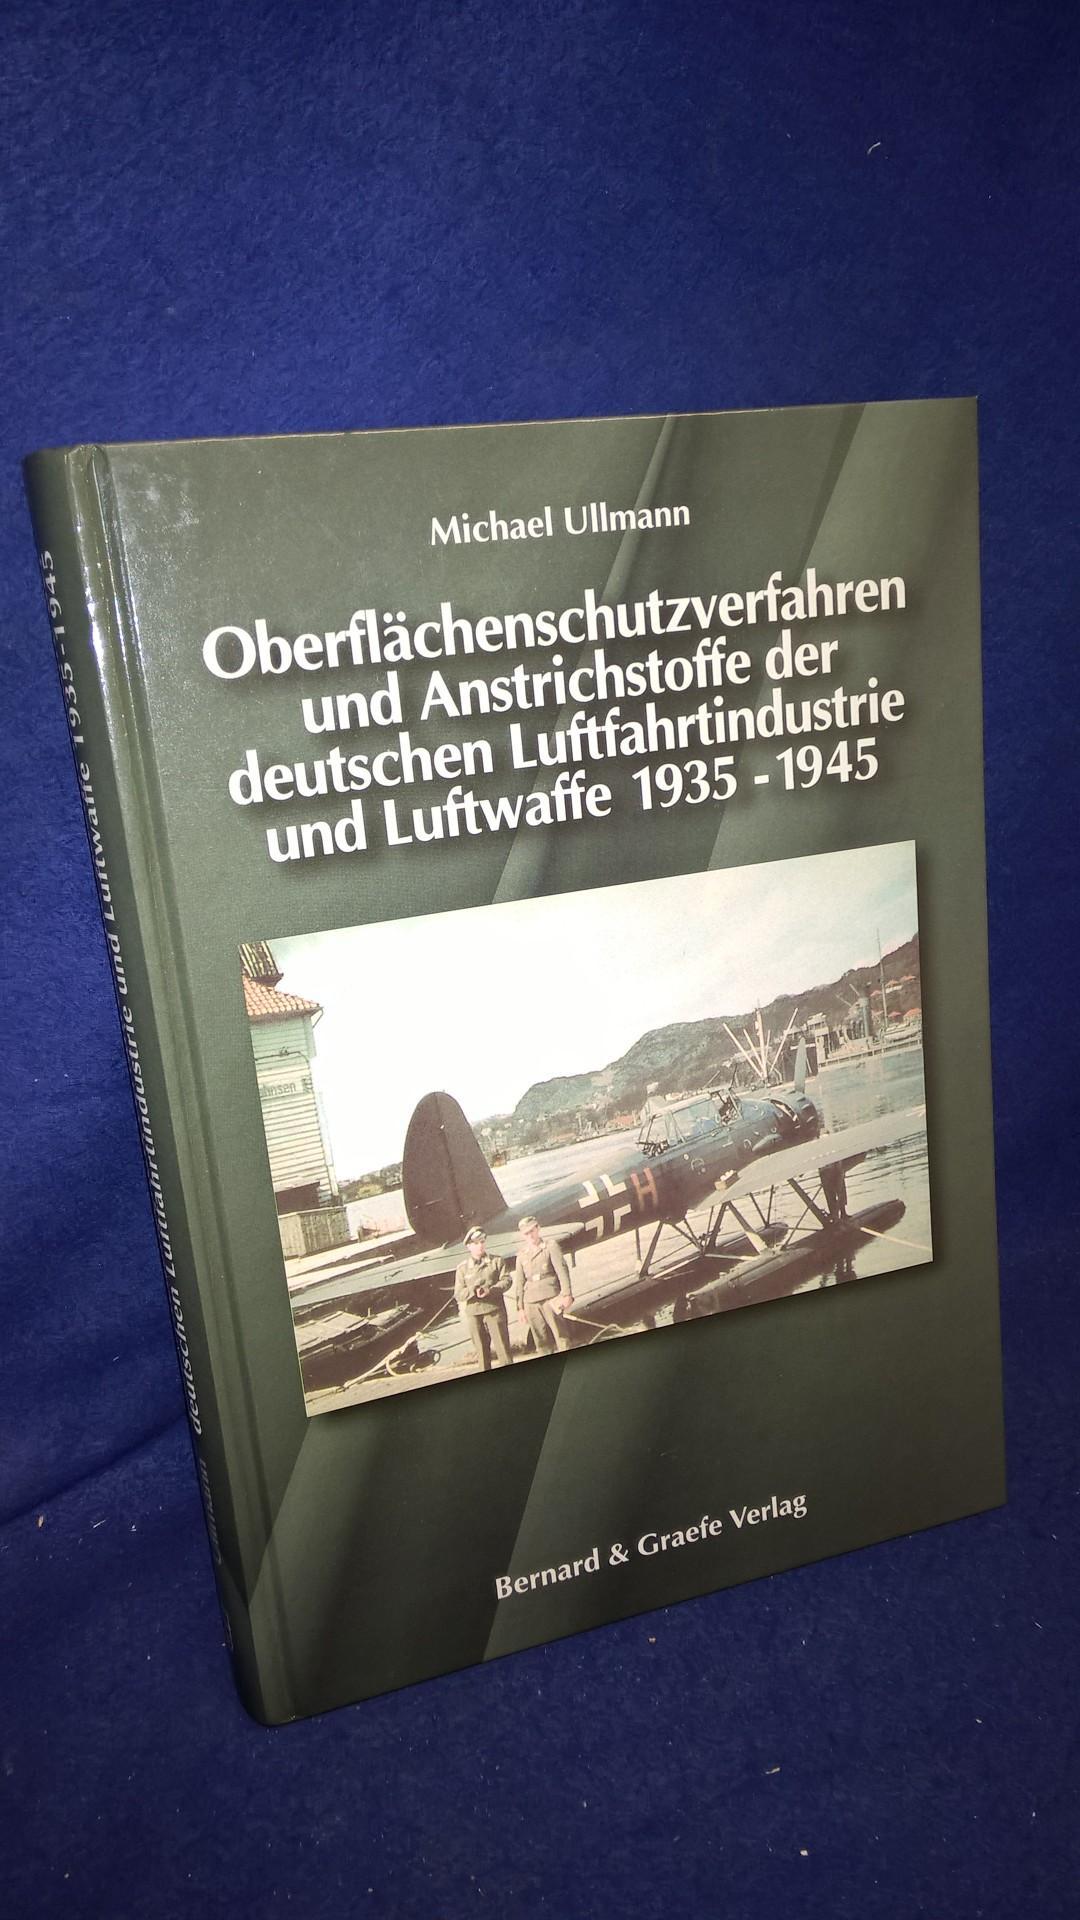 Oberflächenschutzverfahren und Anstrichstoffe der deutschen Luftfahrtindustrie und Luftwaffe 1935-1945.